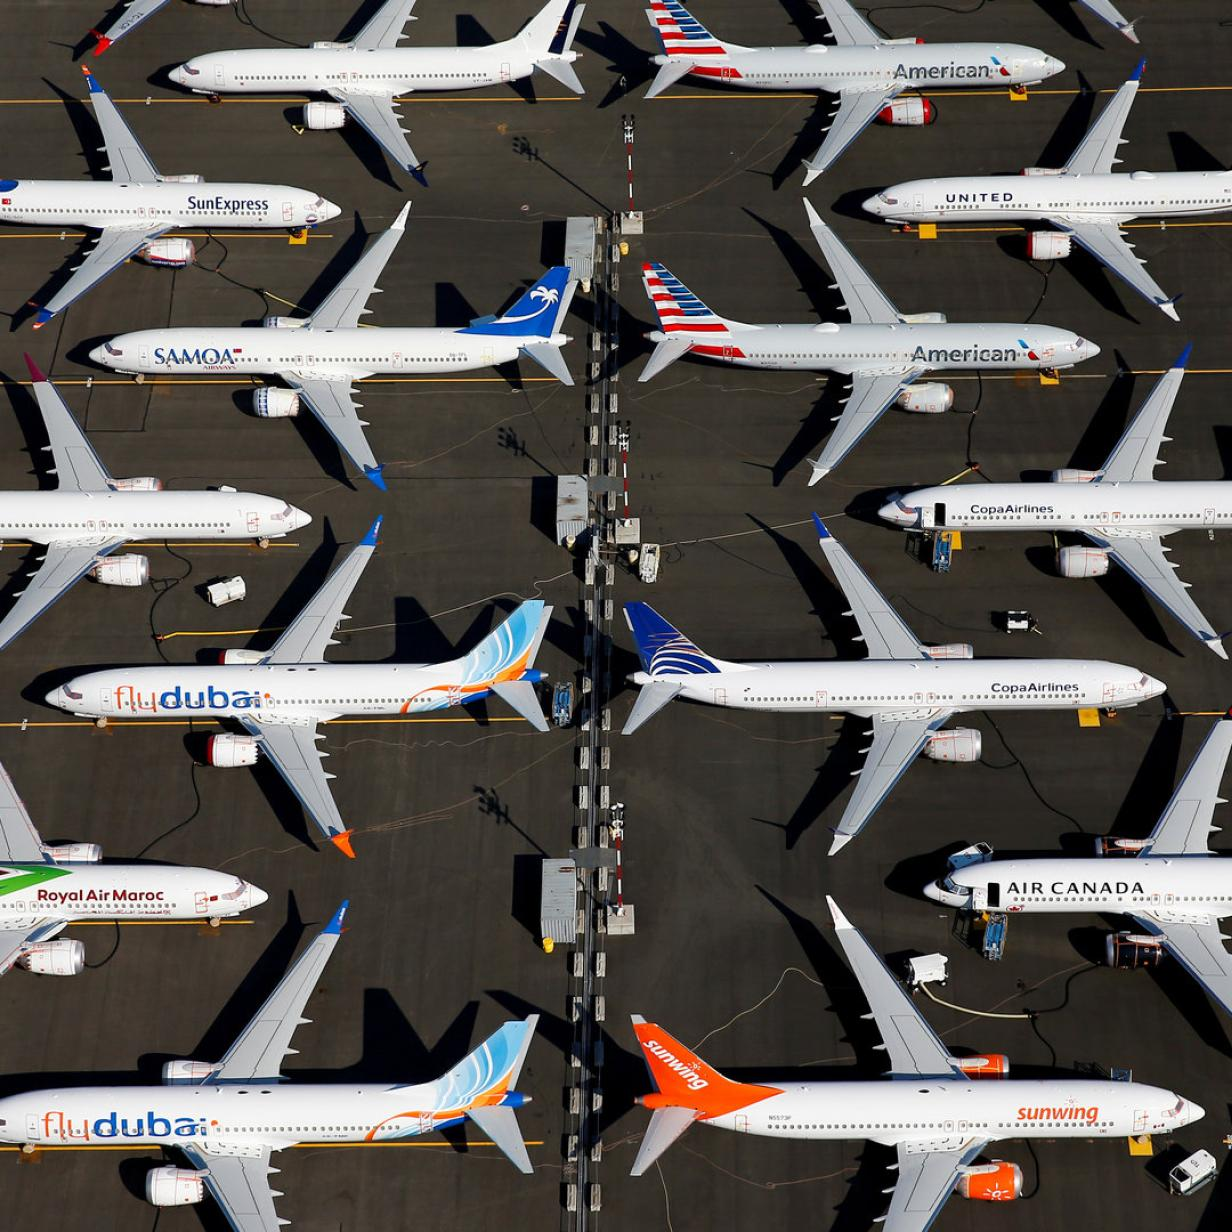 Absturzserie: Wiederzulassung der Boeing 737 Max weiter offen